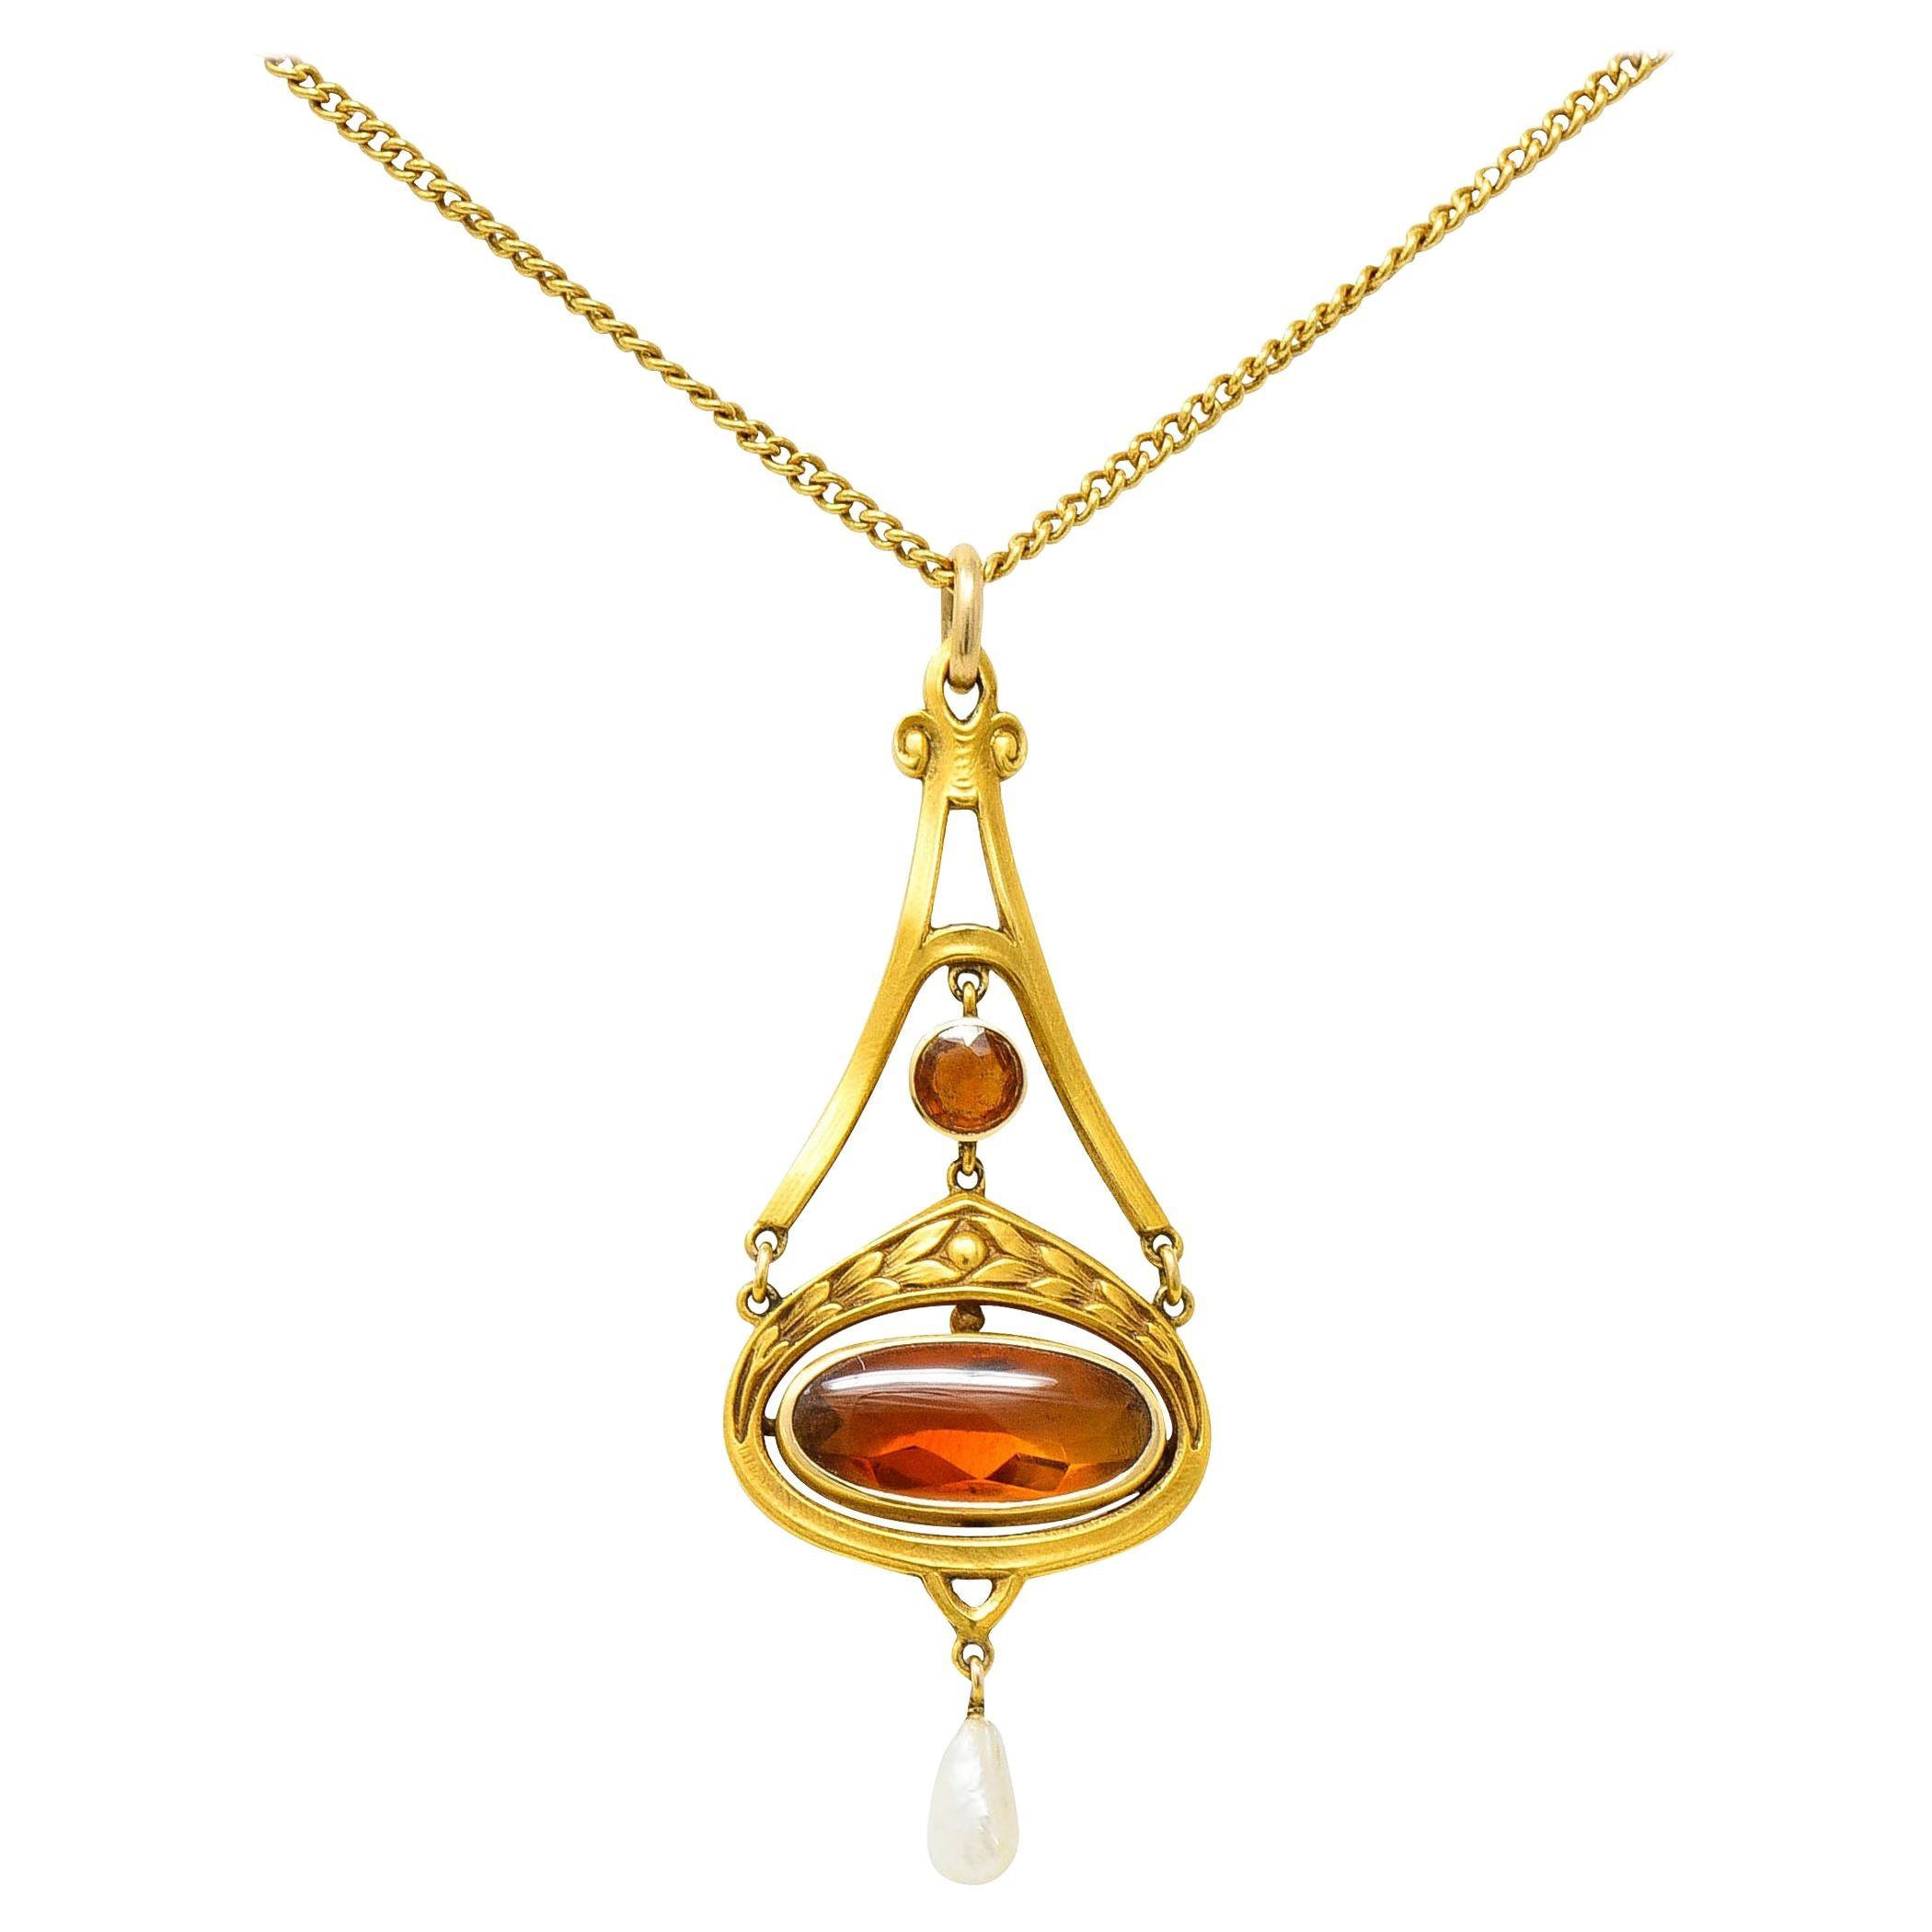 Krementz Art Nouveau Citrine Pearl 14 Karat Gold Pendant Necklace